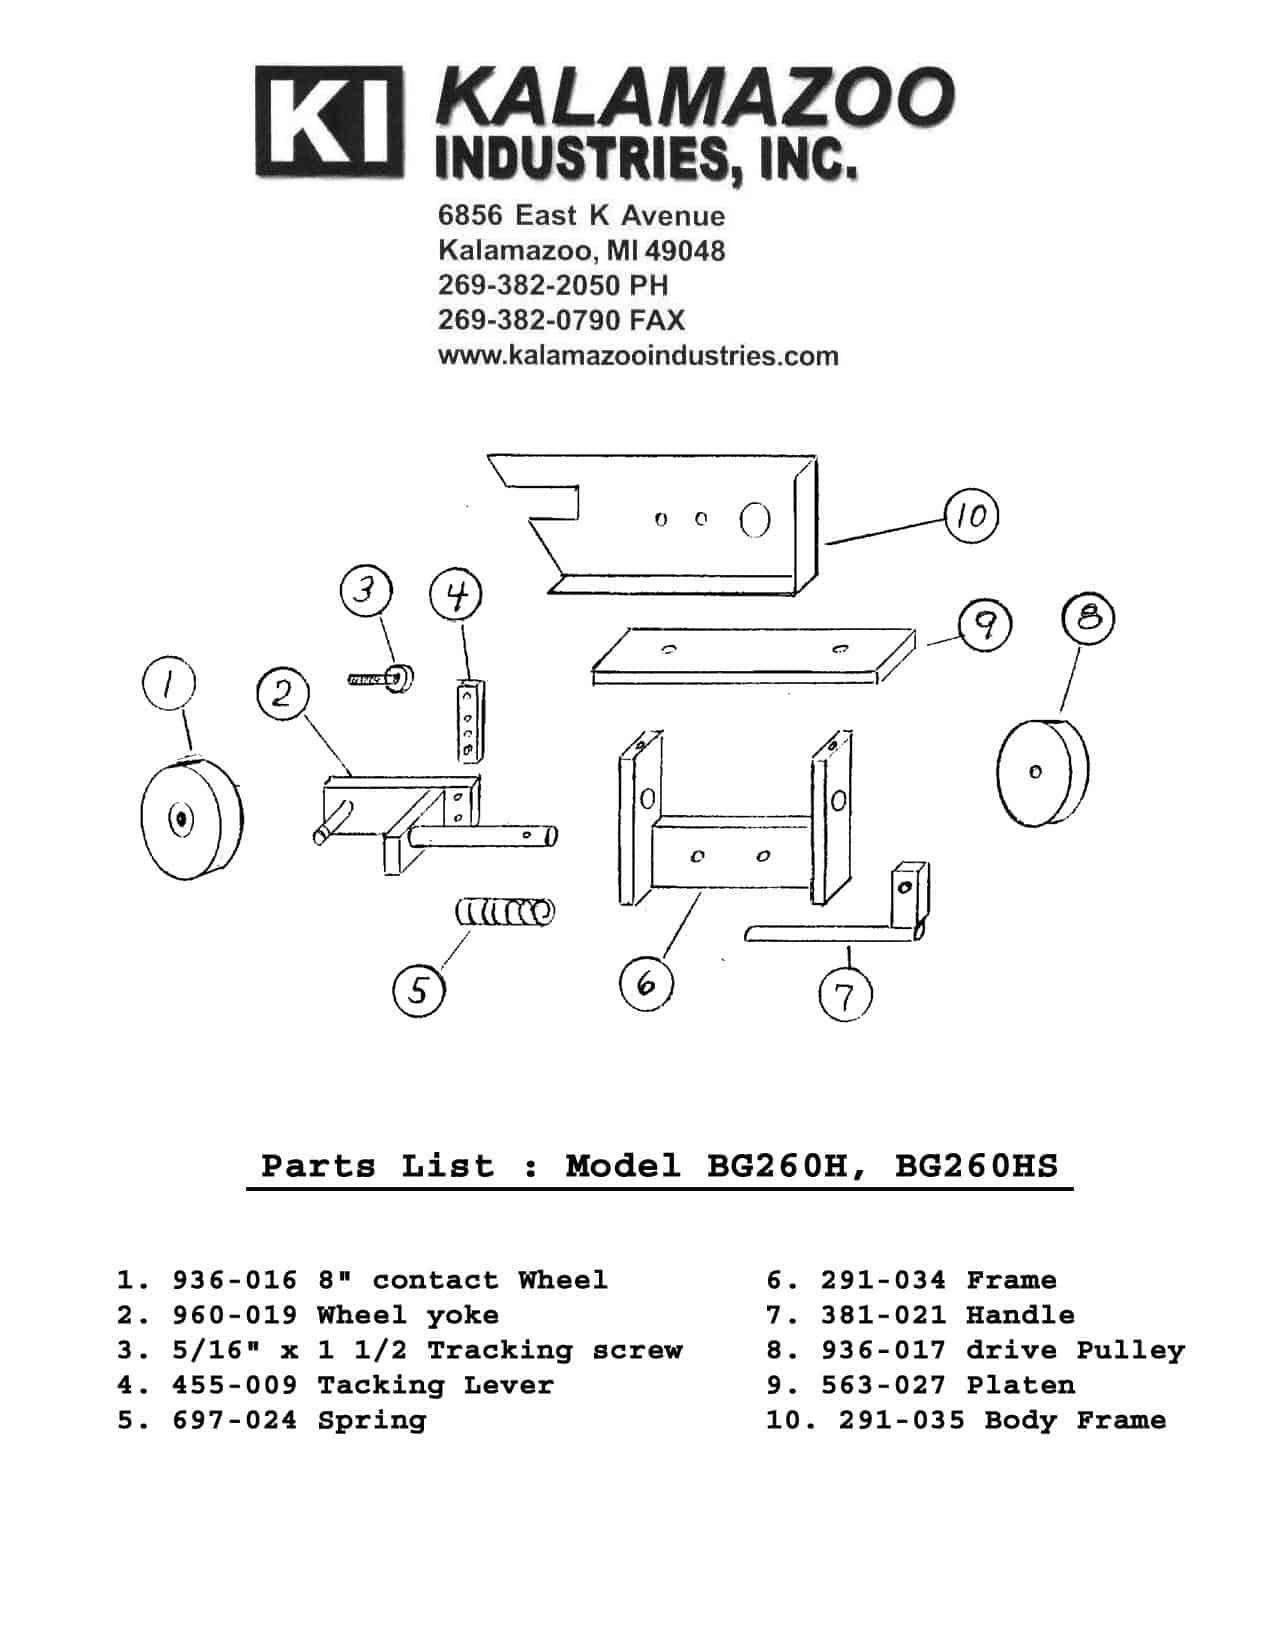 BG260 2 x 60 inch belt grinder parts list, BG260 2 x 60 inch industrial belt grinders parts list, industrial belt grinders, belt grinders, industrial, grinders